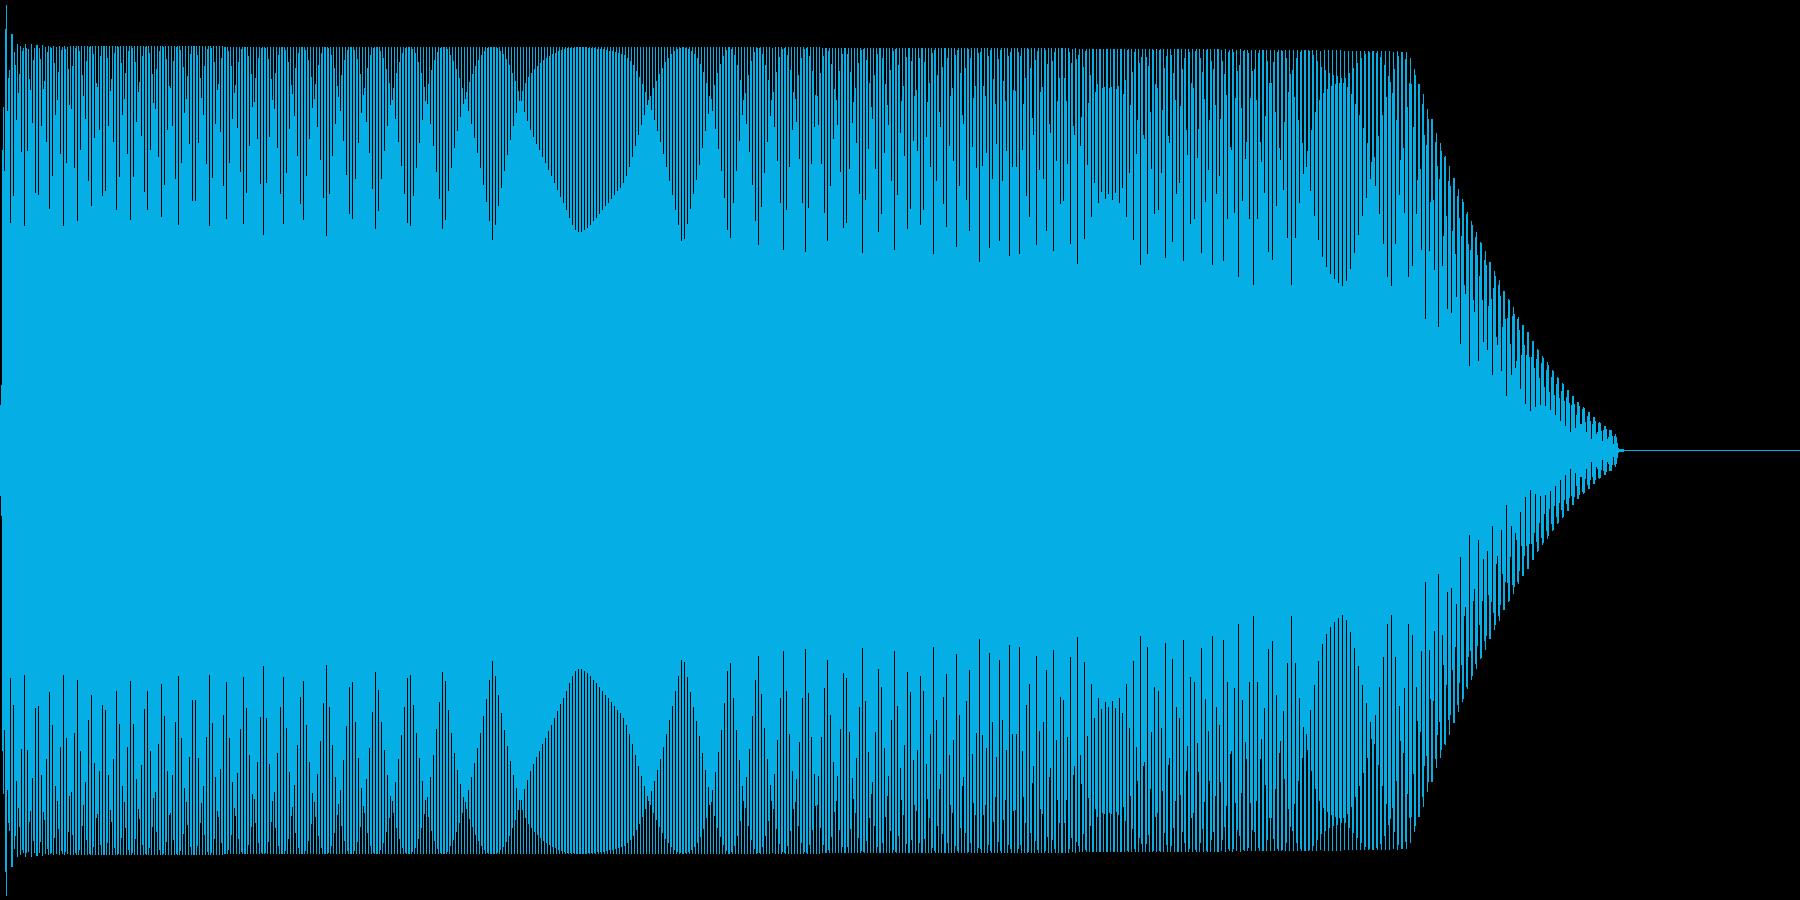 メタルコアベースドロップ C2→C1の再生済みの波形